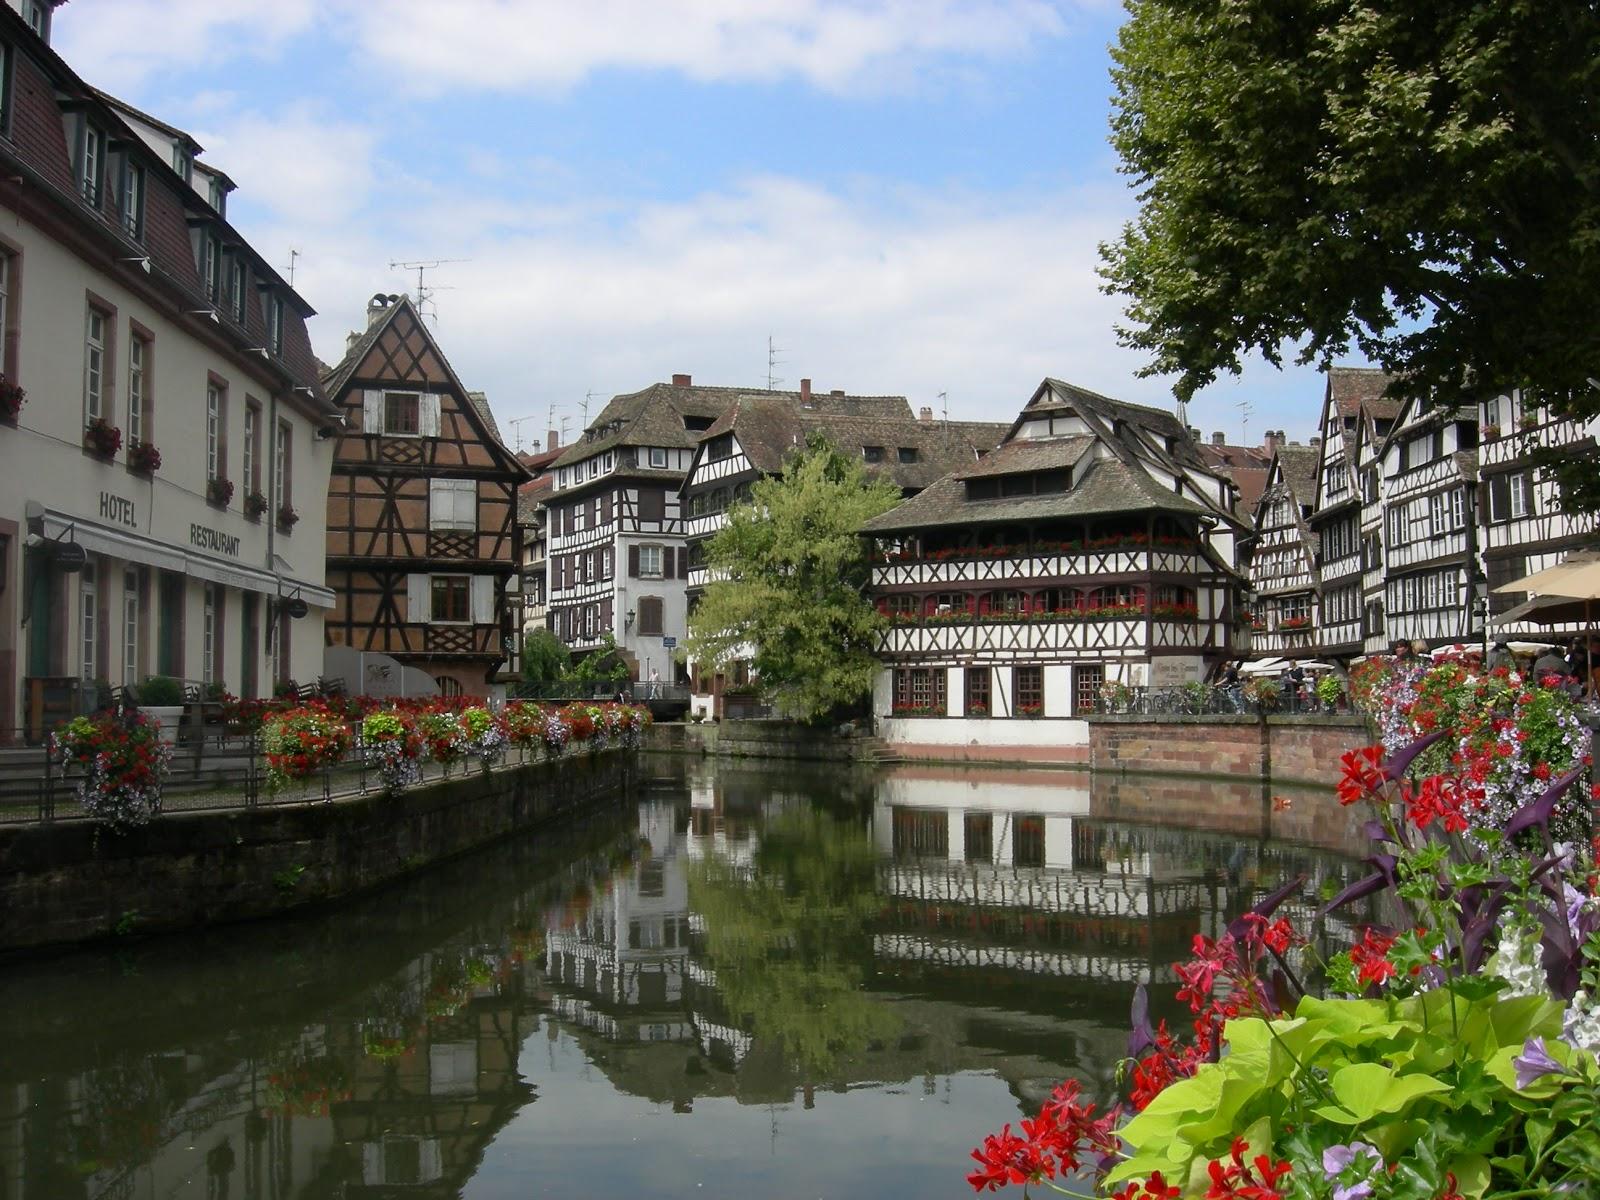 La table de louise y viaje a estrasburgo las cenas de ingrid - Table de louise strasbourg ...